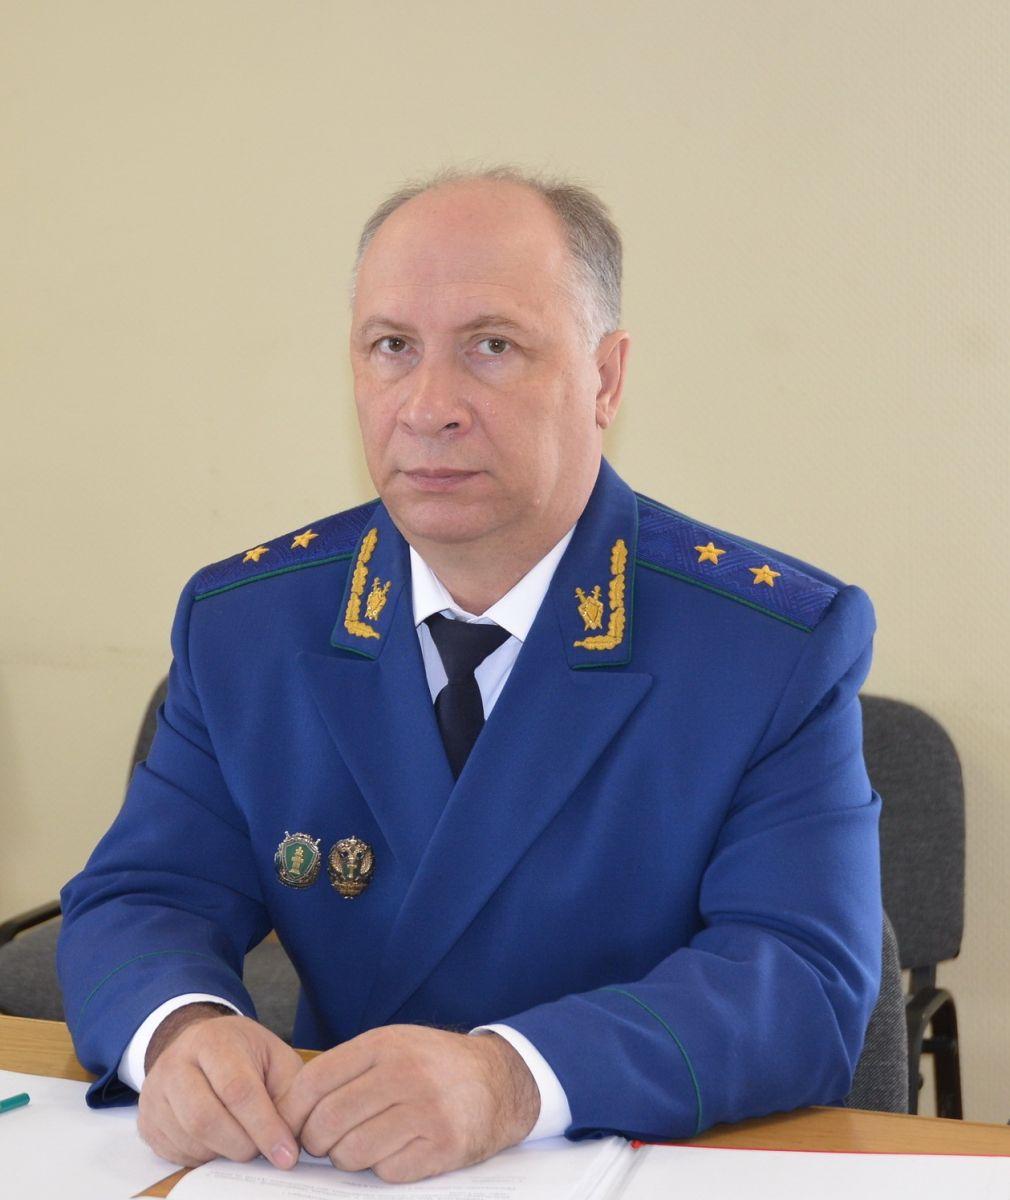 Владимир Путин освободил должности прокурора Республики Алтай Николая Мылицына